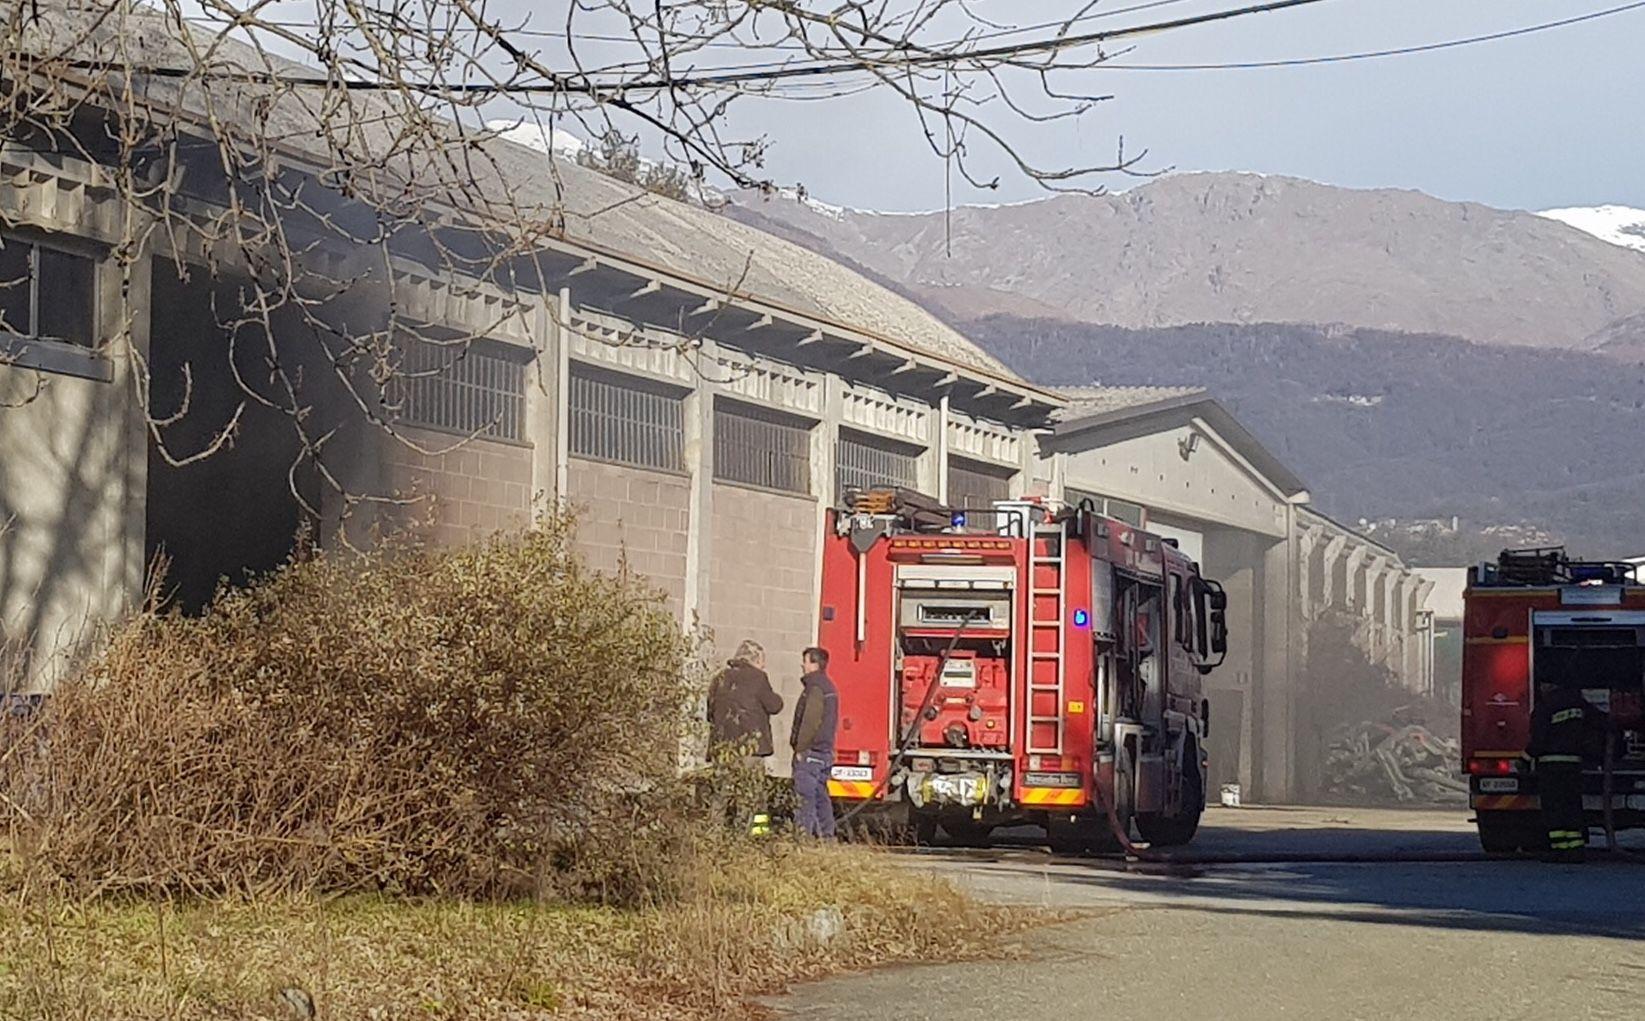 CASTELLAMONTE - Incendio in un capannone: intervento dei vigili del fuoco - FOTO E VIDEO